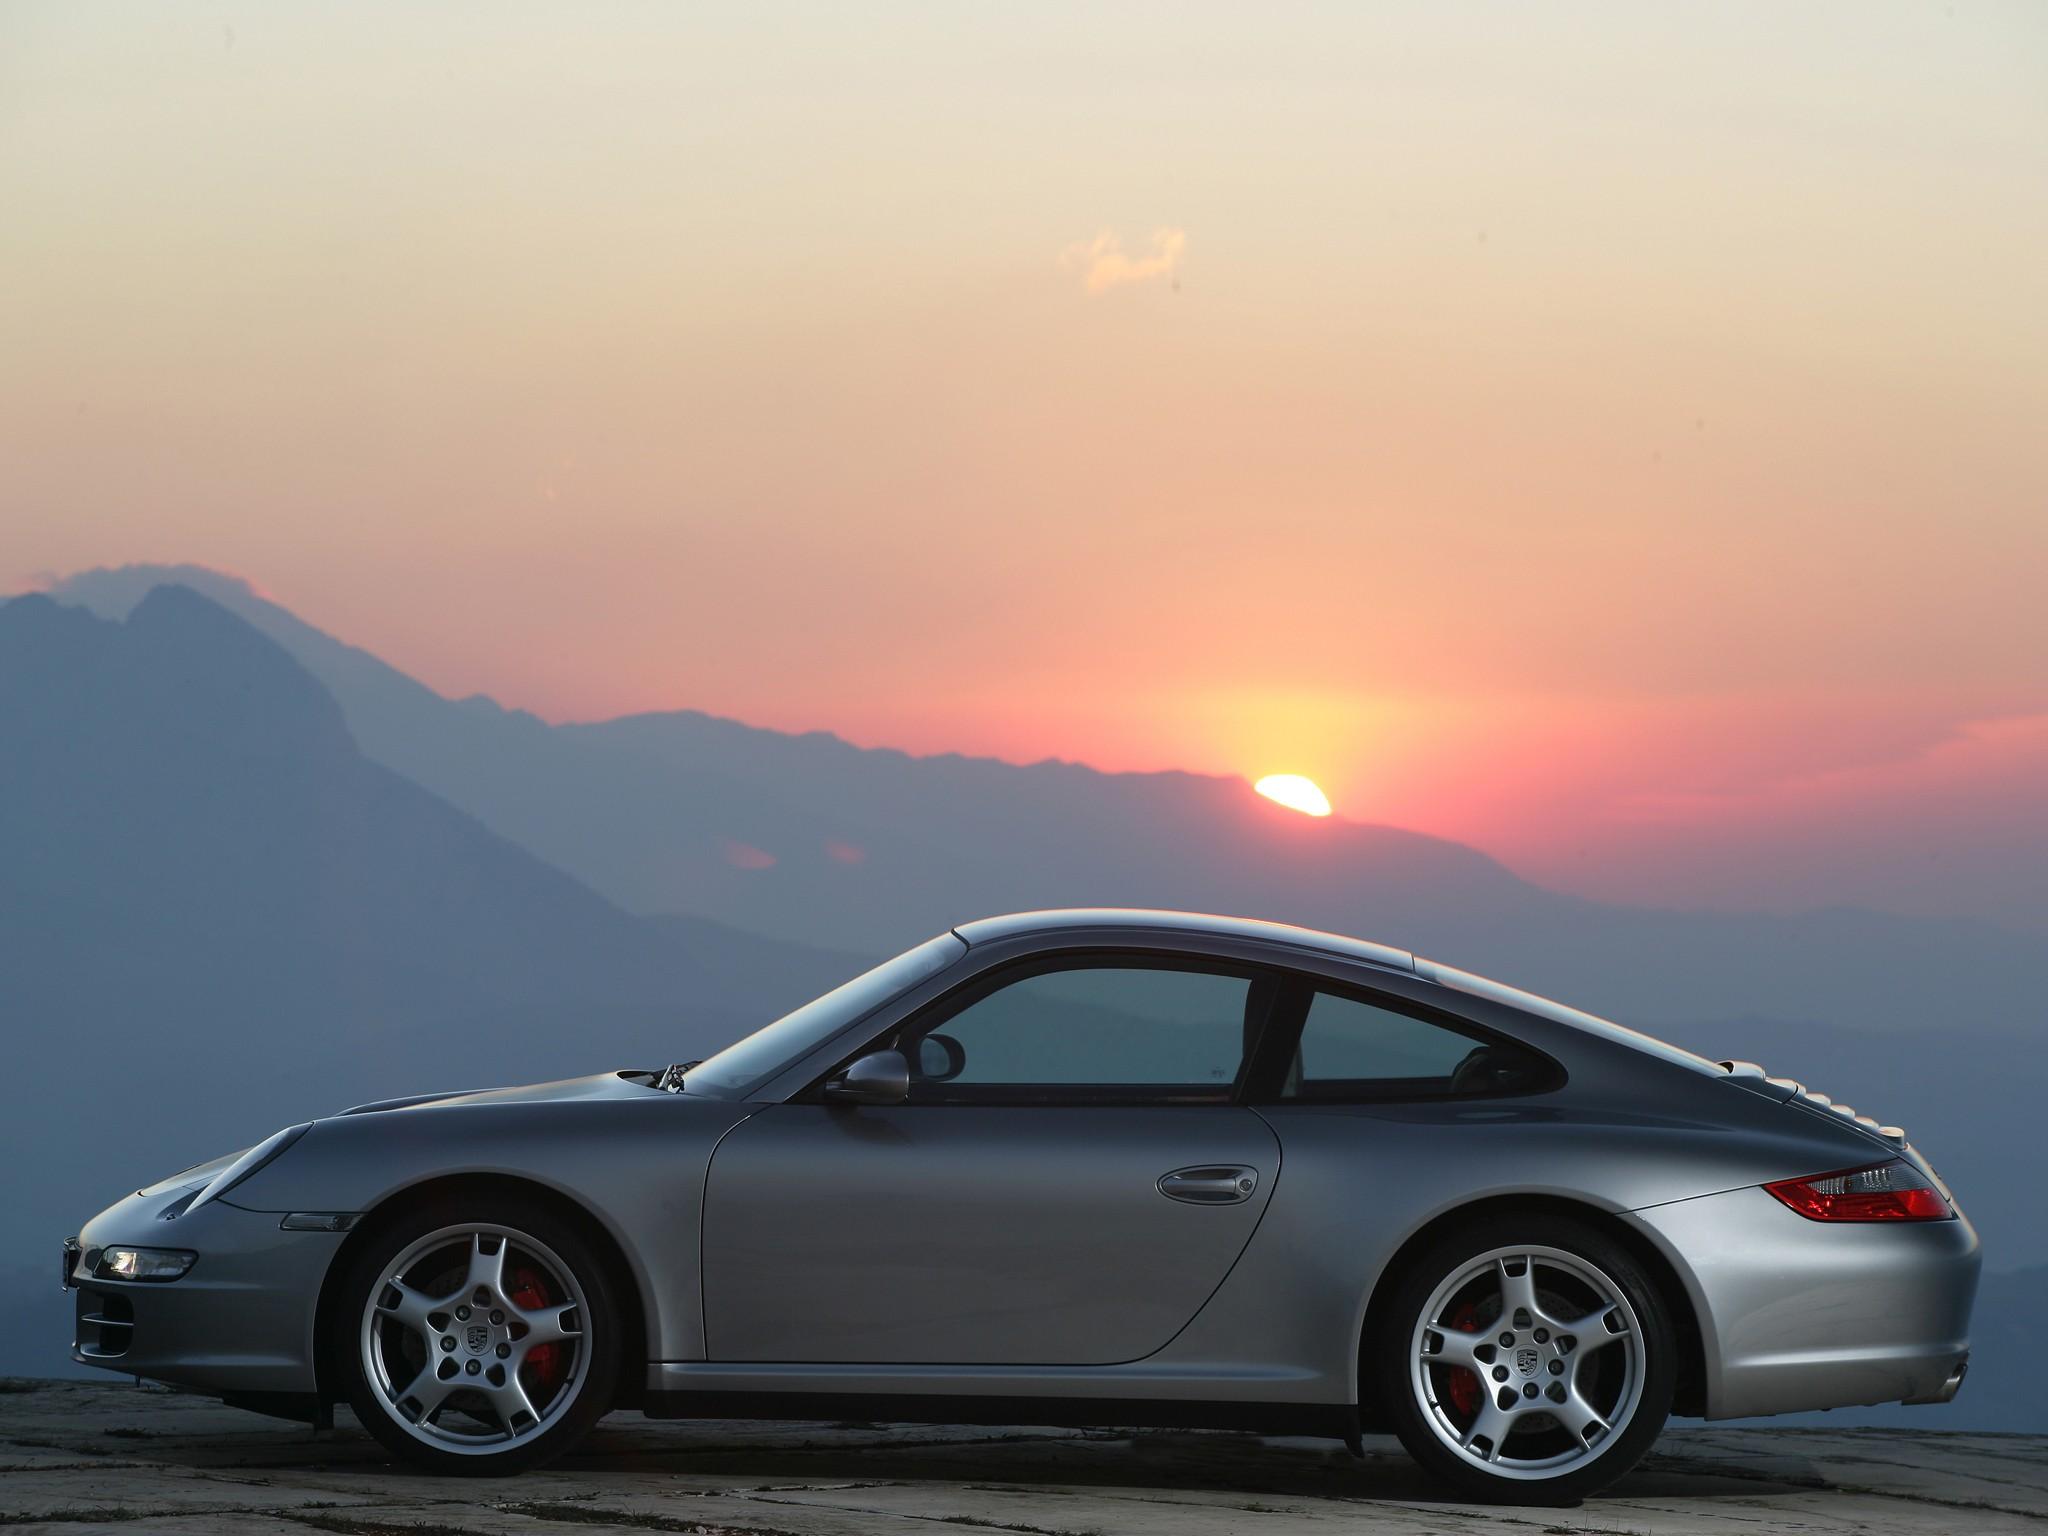 зееный автомобиль Porsche 911 Carrera 4S бесплатно